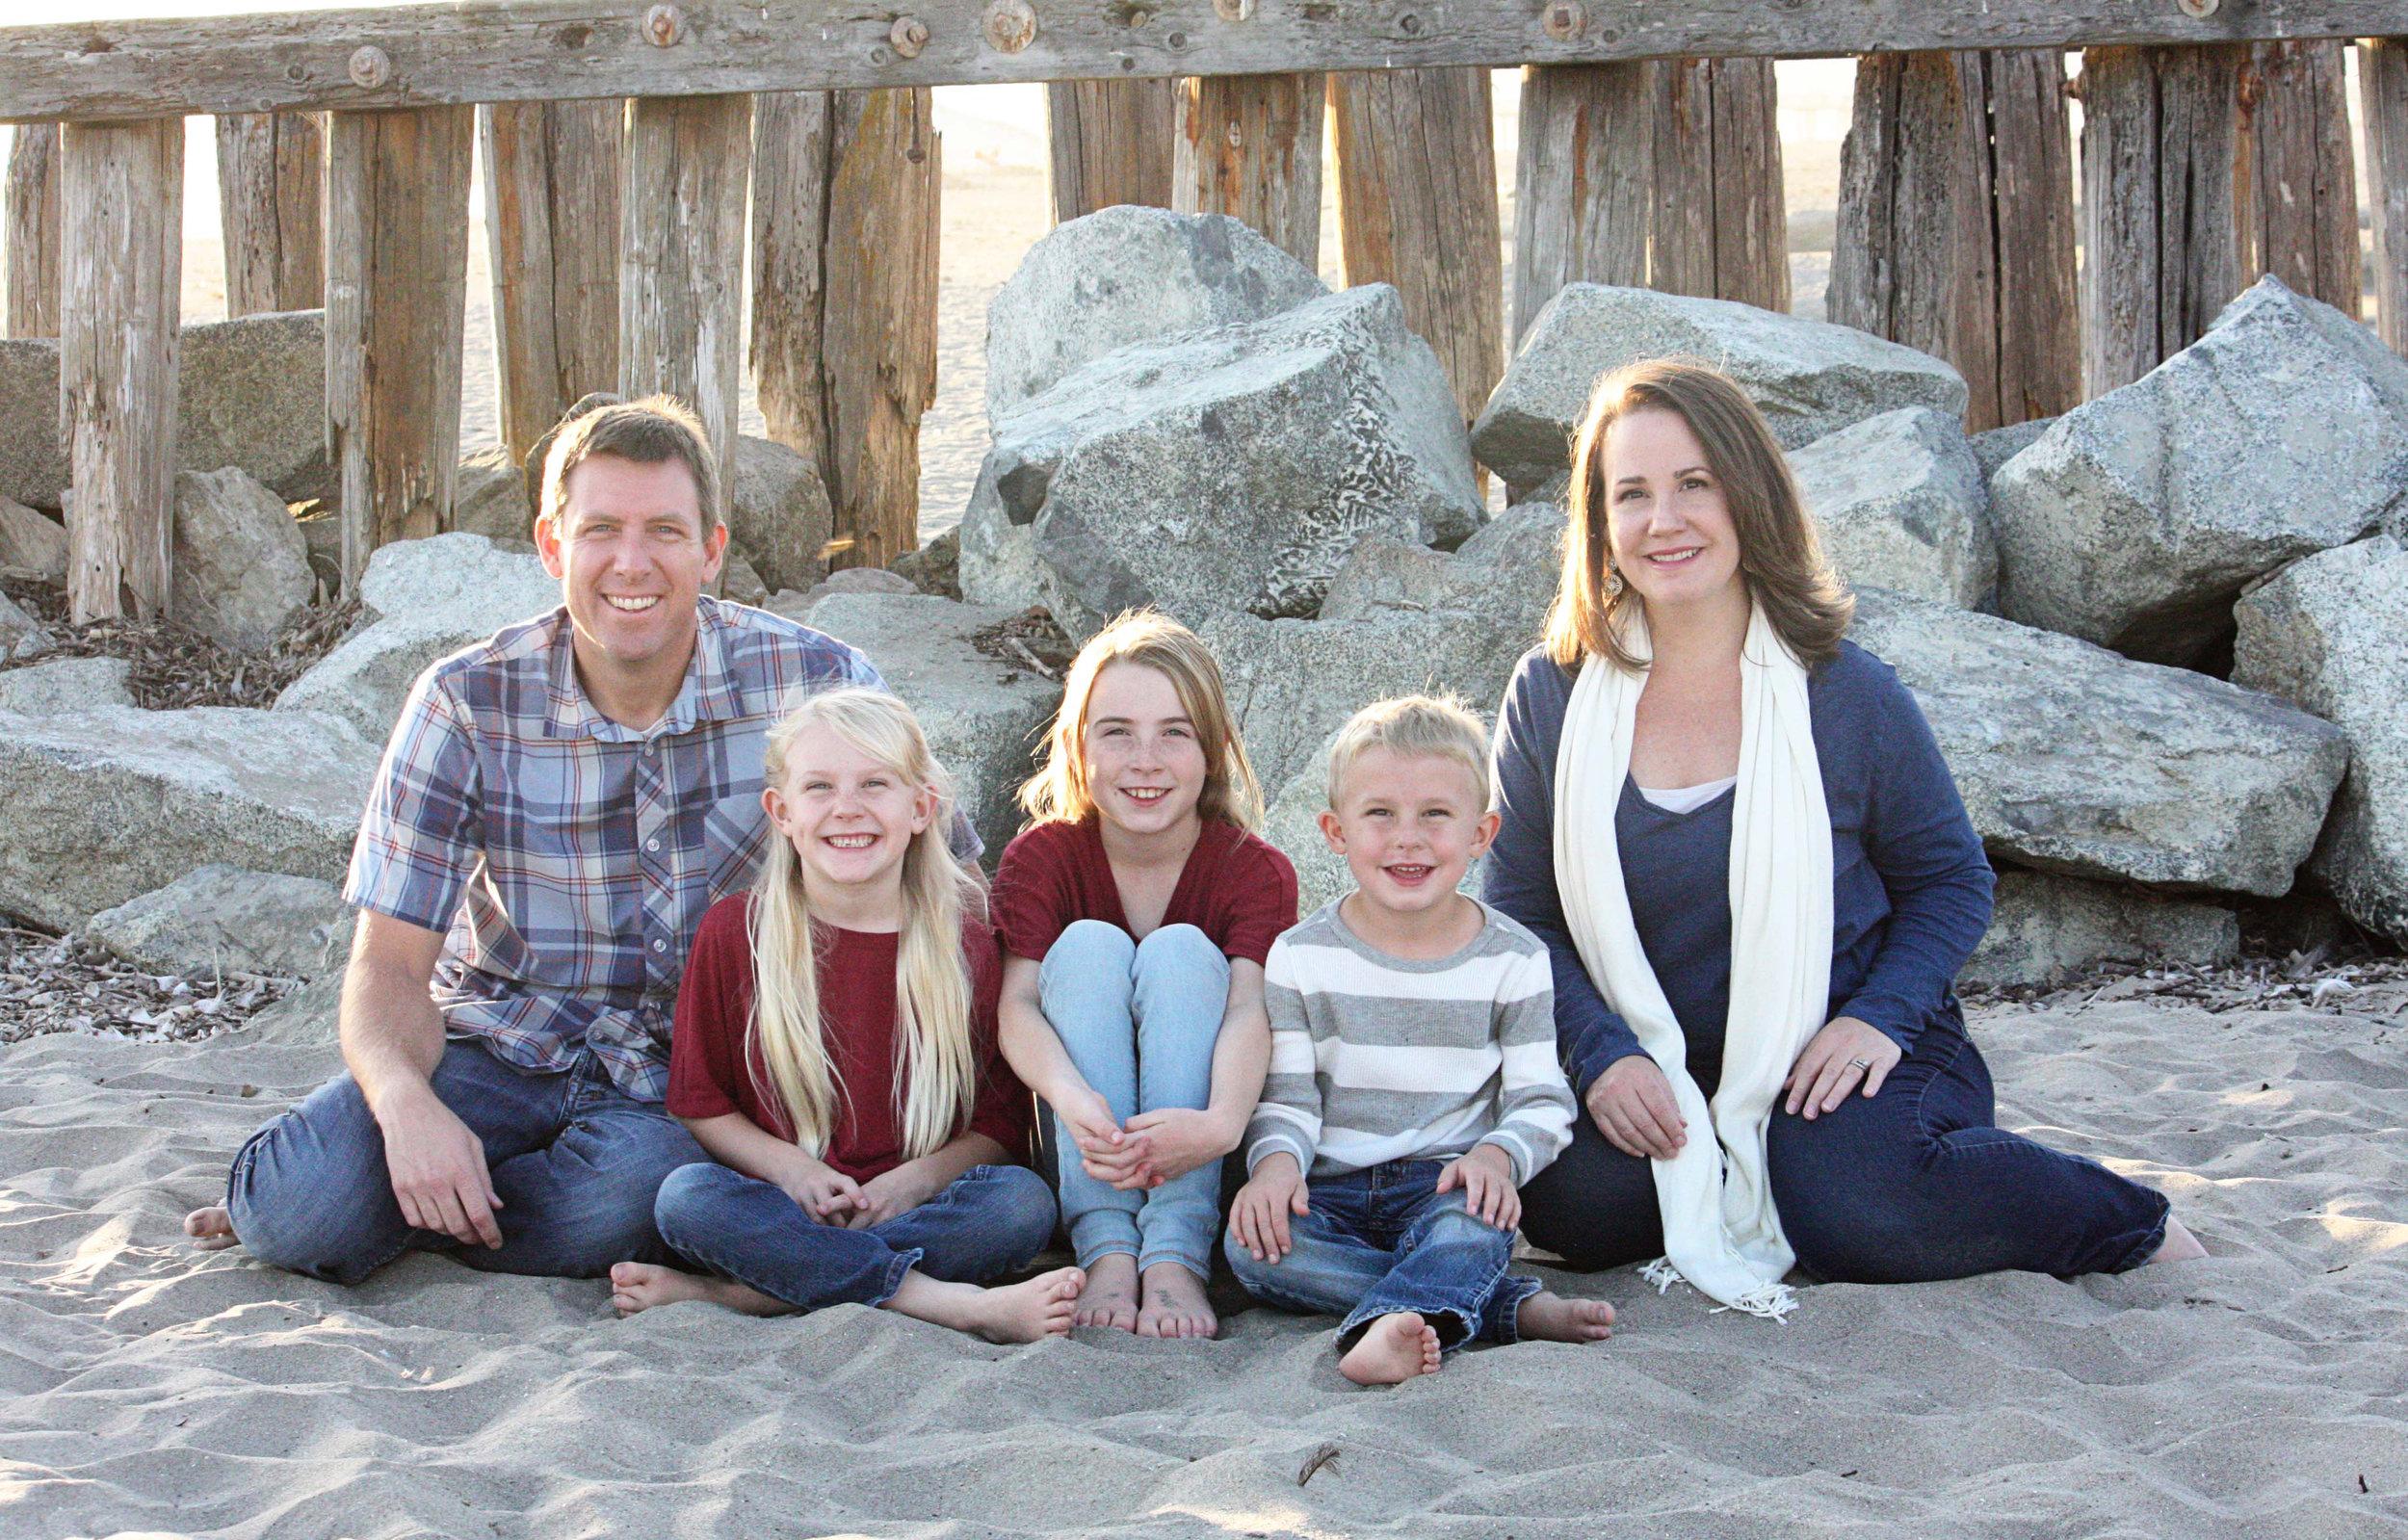 miller-family-photo-horizontal.jpg